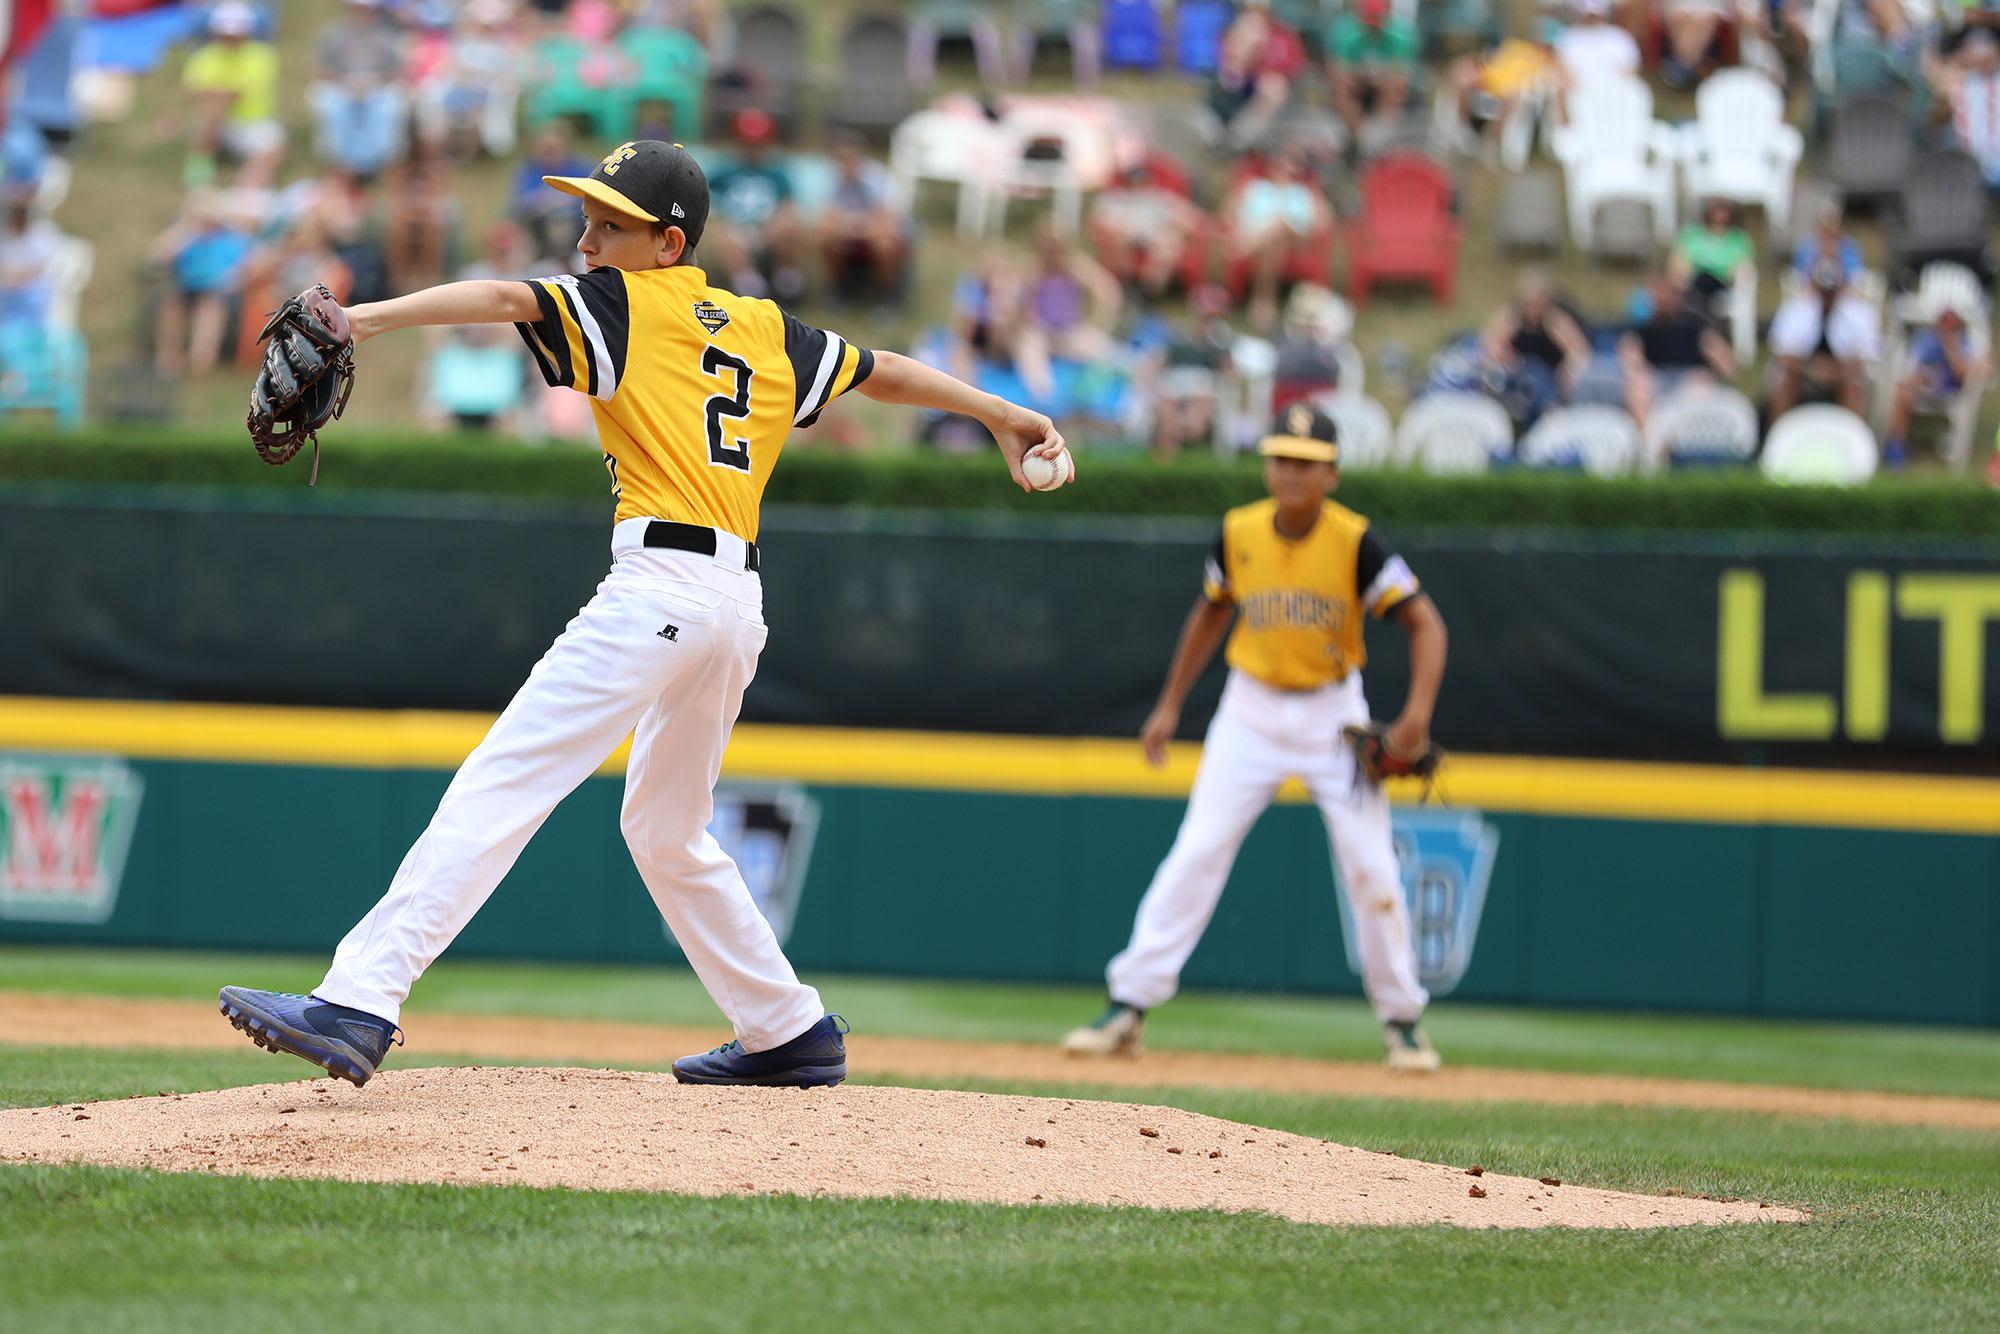 se pitcher